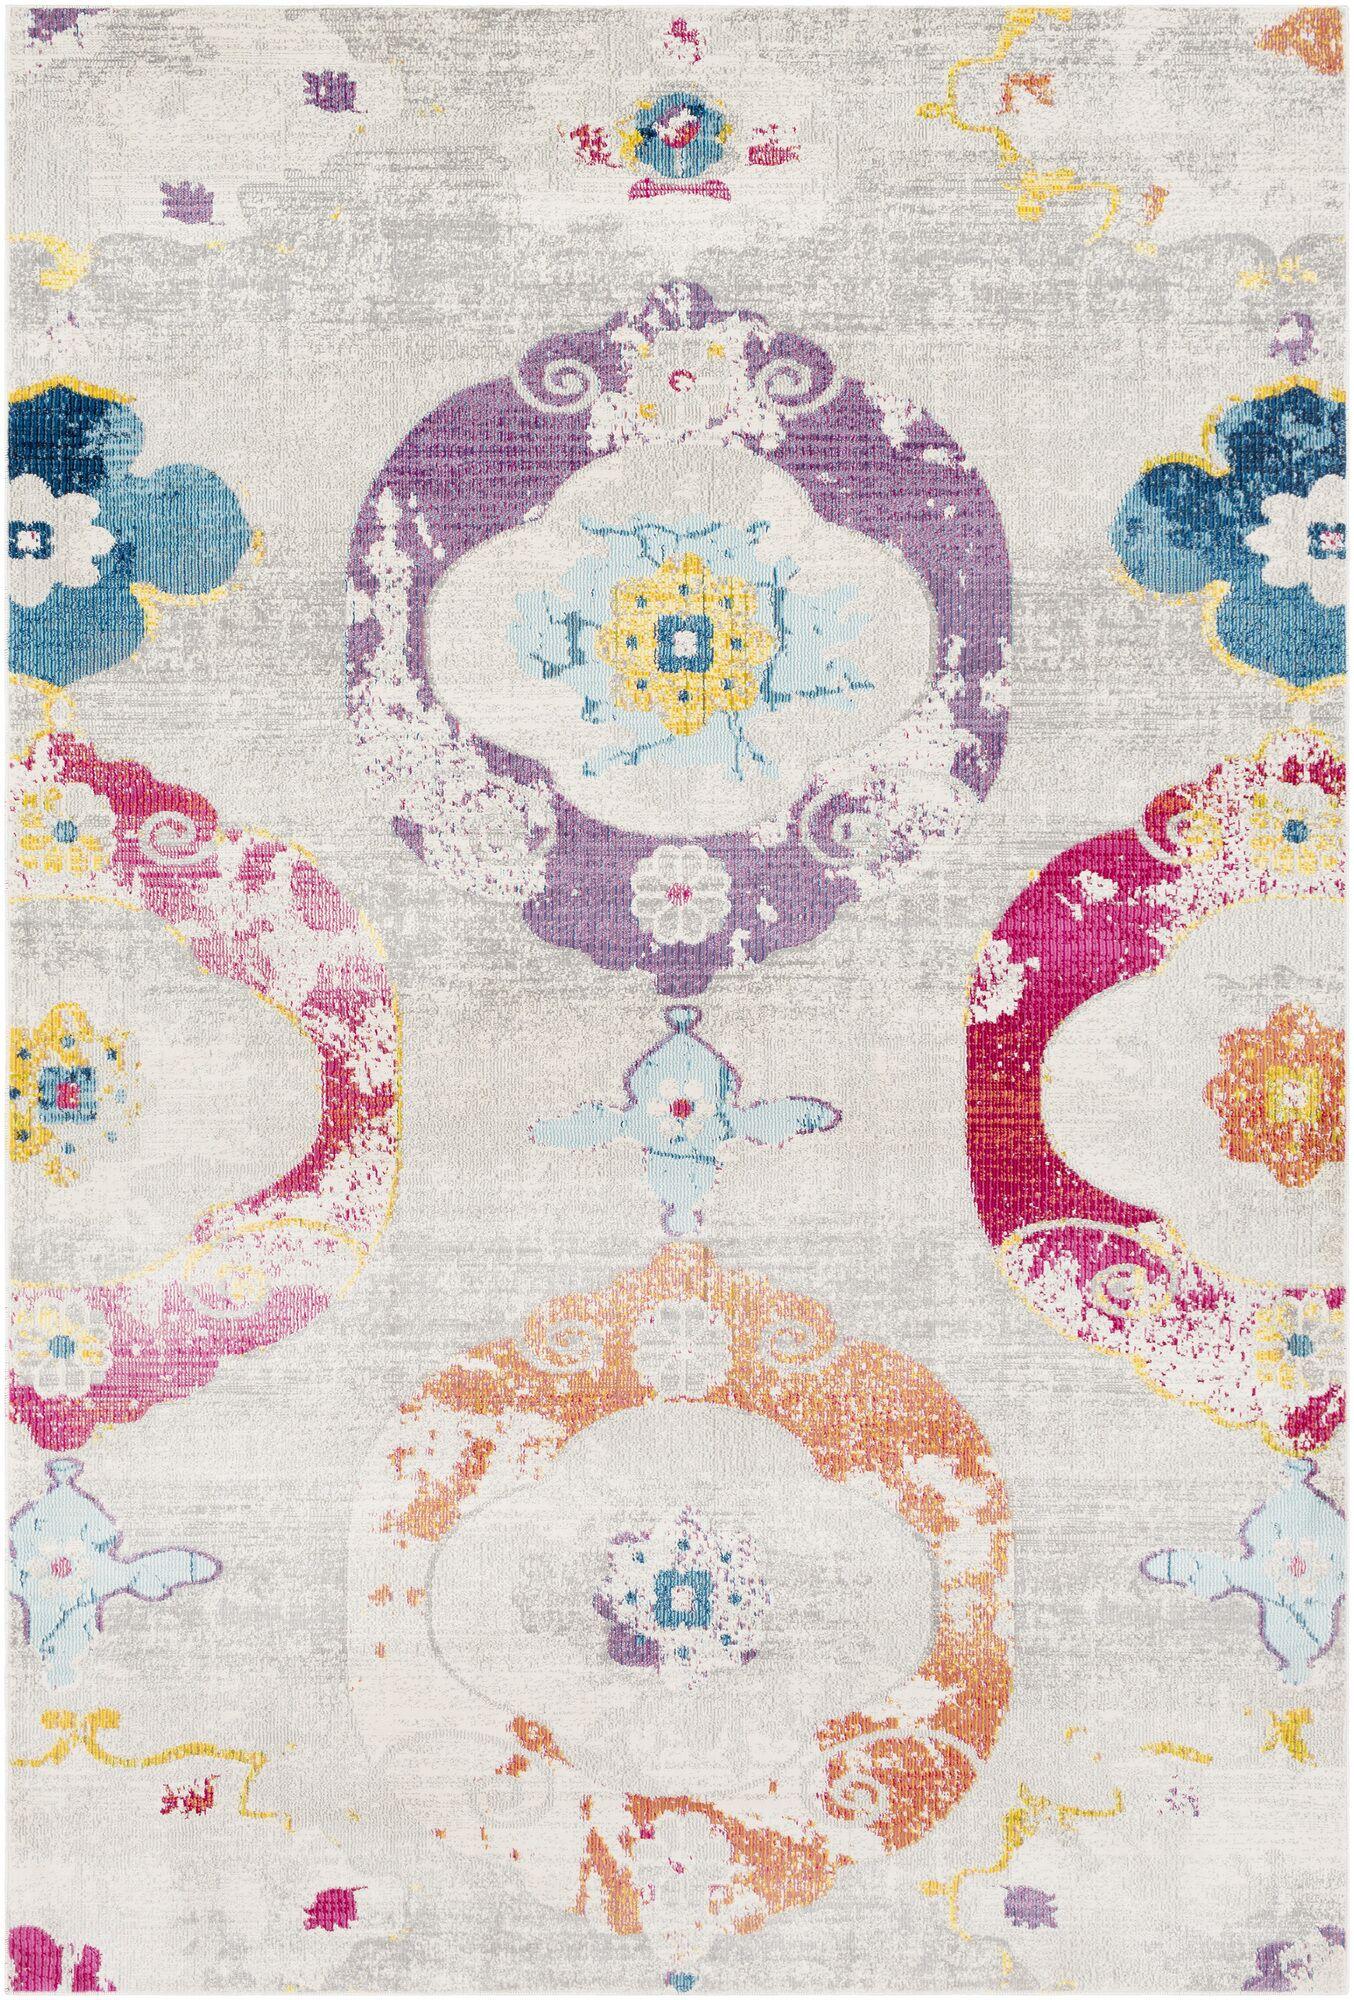 Tillamook Beige/Pink Area Rug Rug Size: Rectangle 5'3